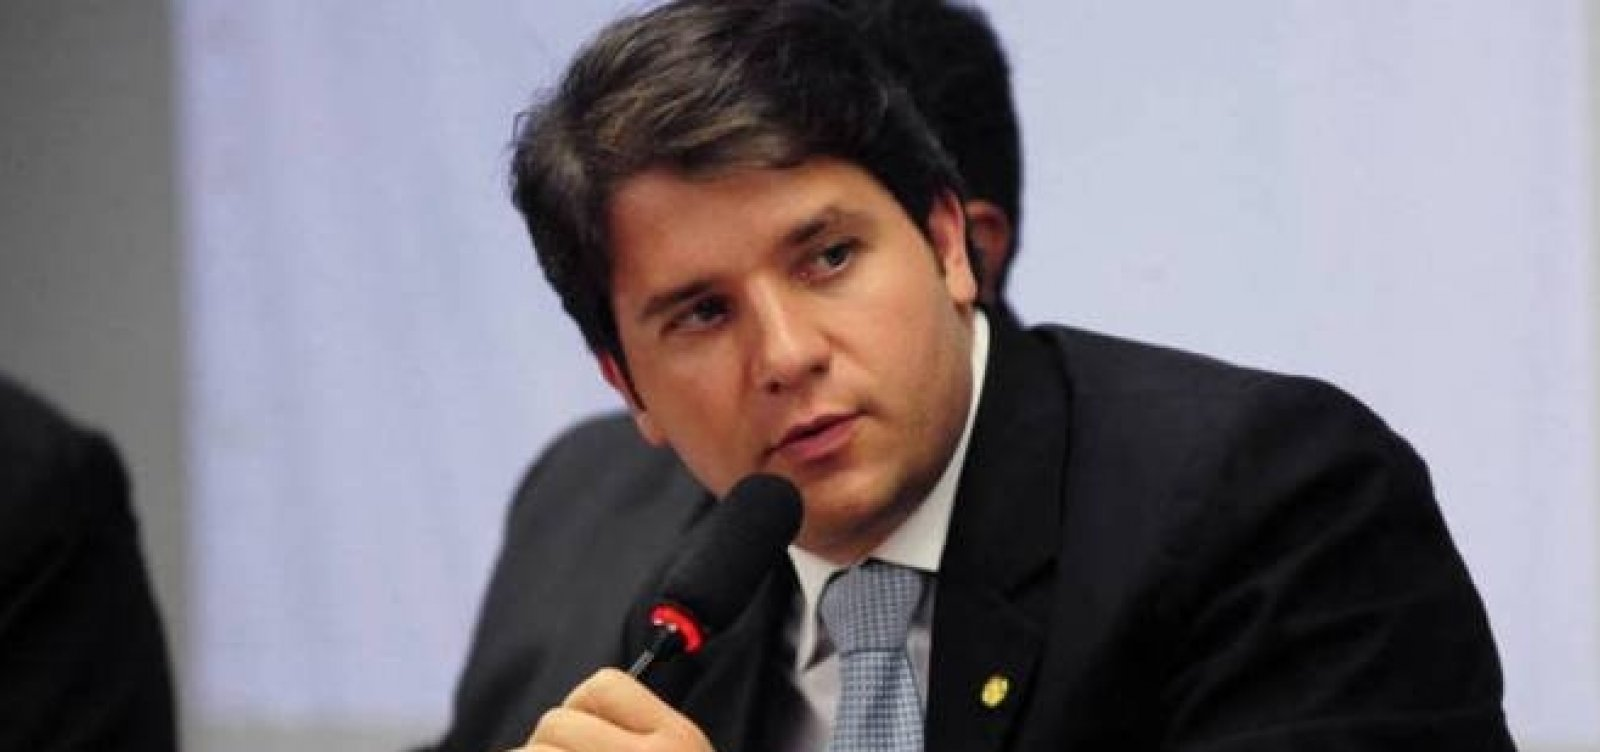 Solto pela Justiça, Luiz Argôlo deve ser barrado se tentar eleição